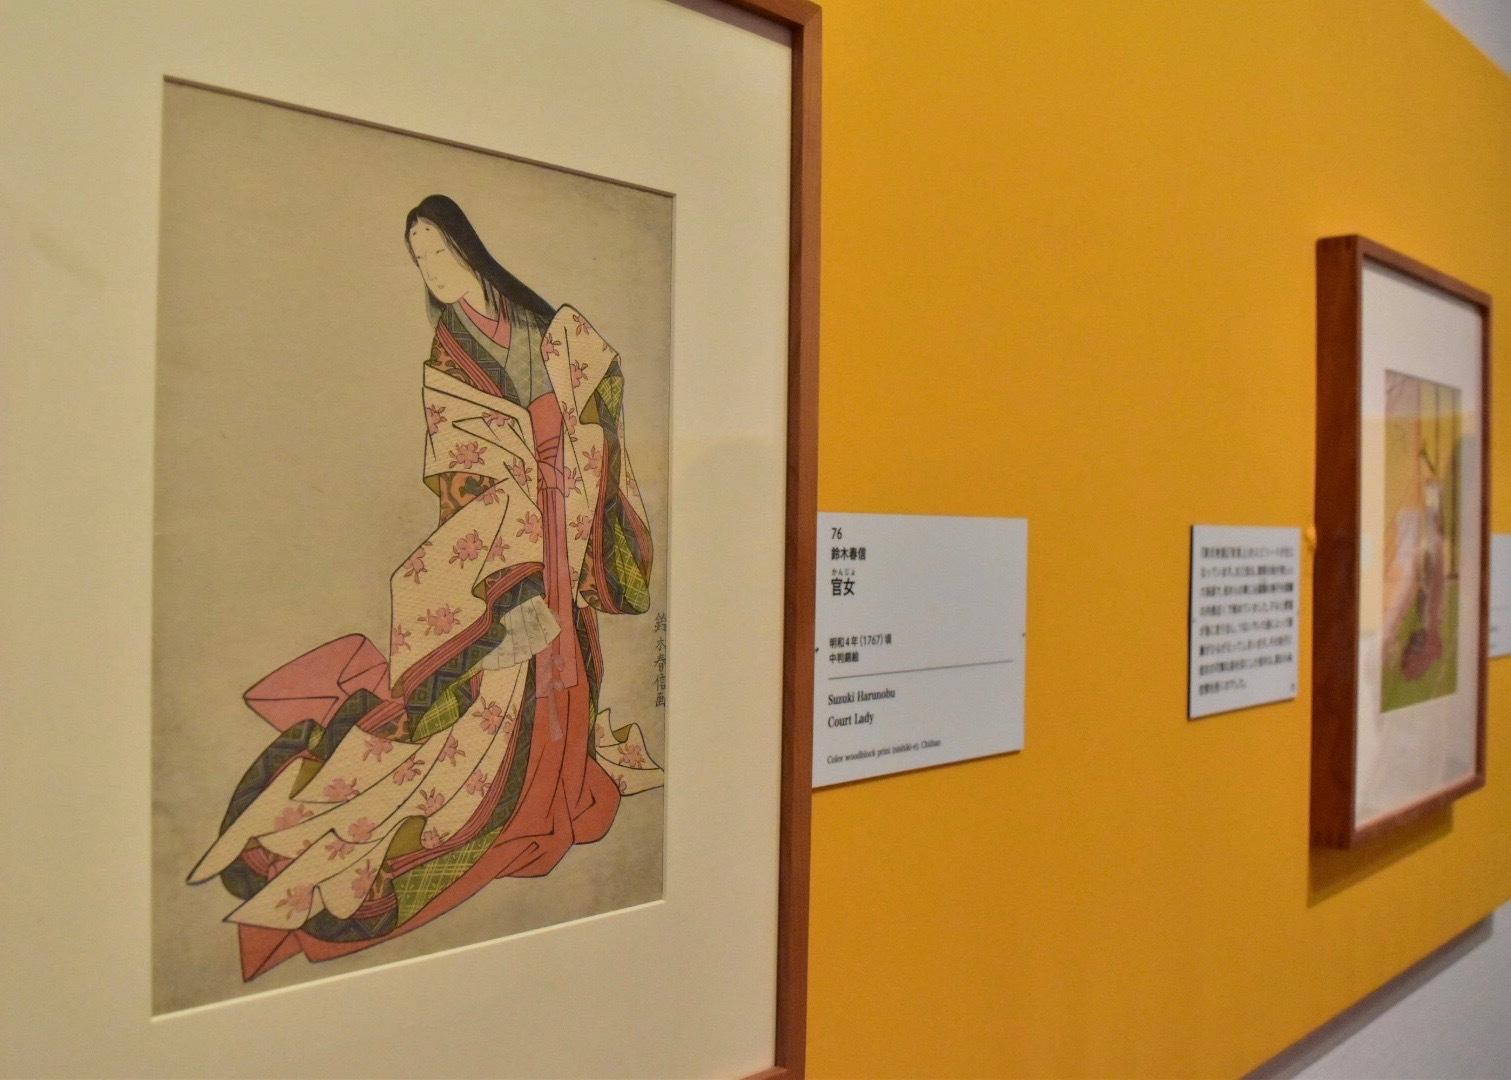 鈴木春信 《官女》 明和4年(1767)頃 中判錦絵